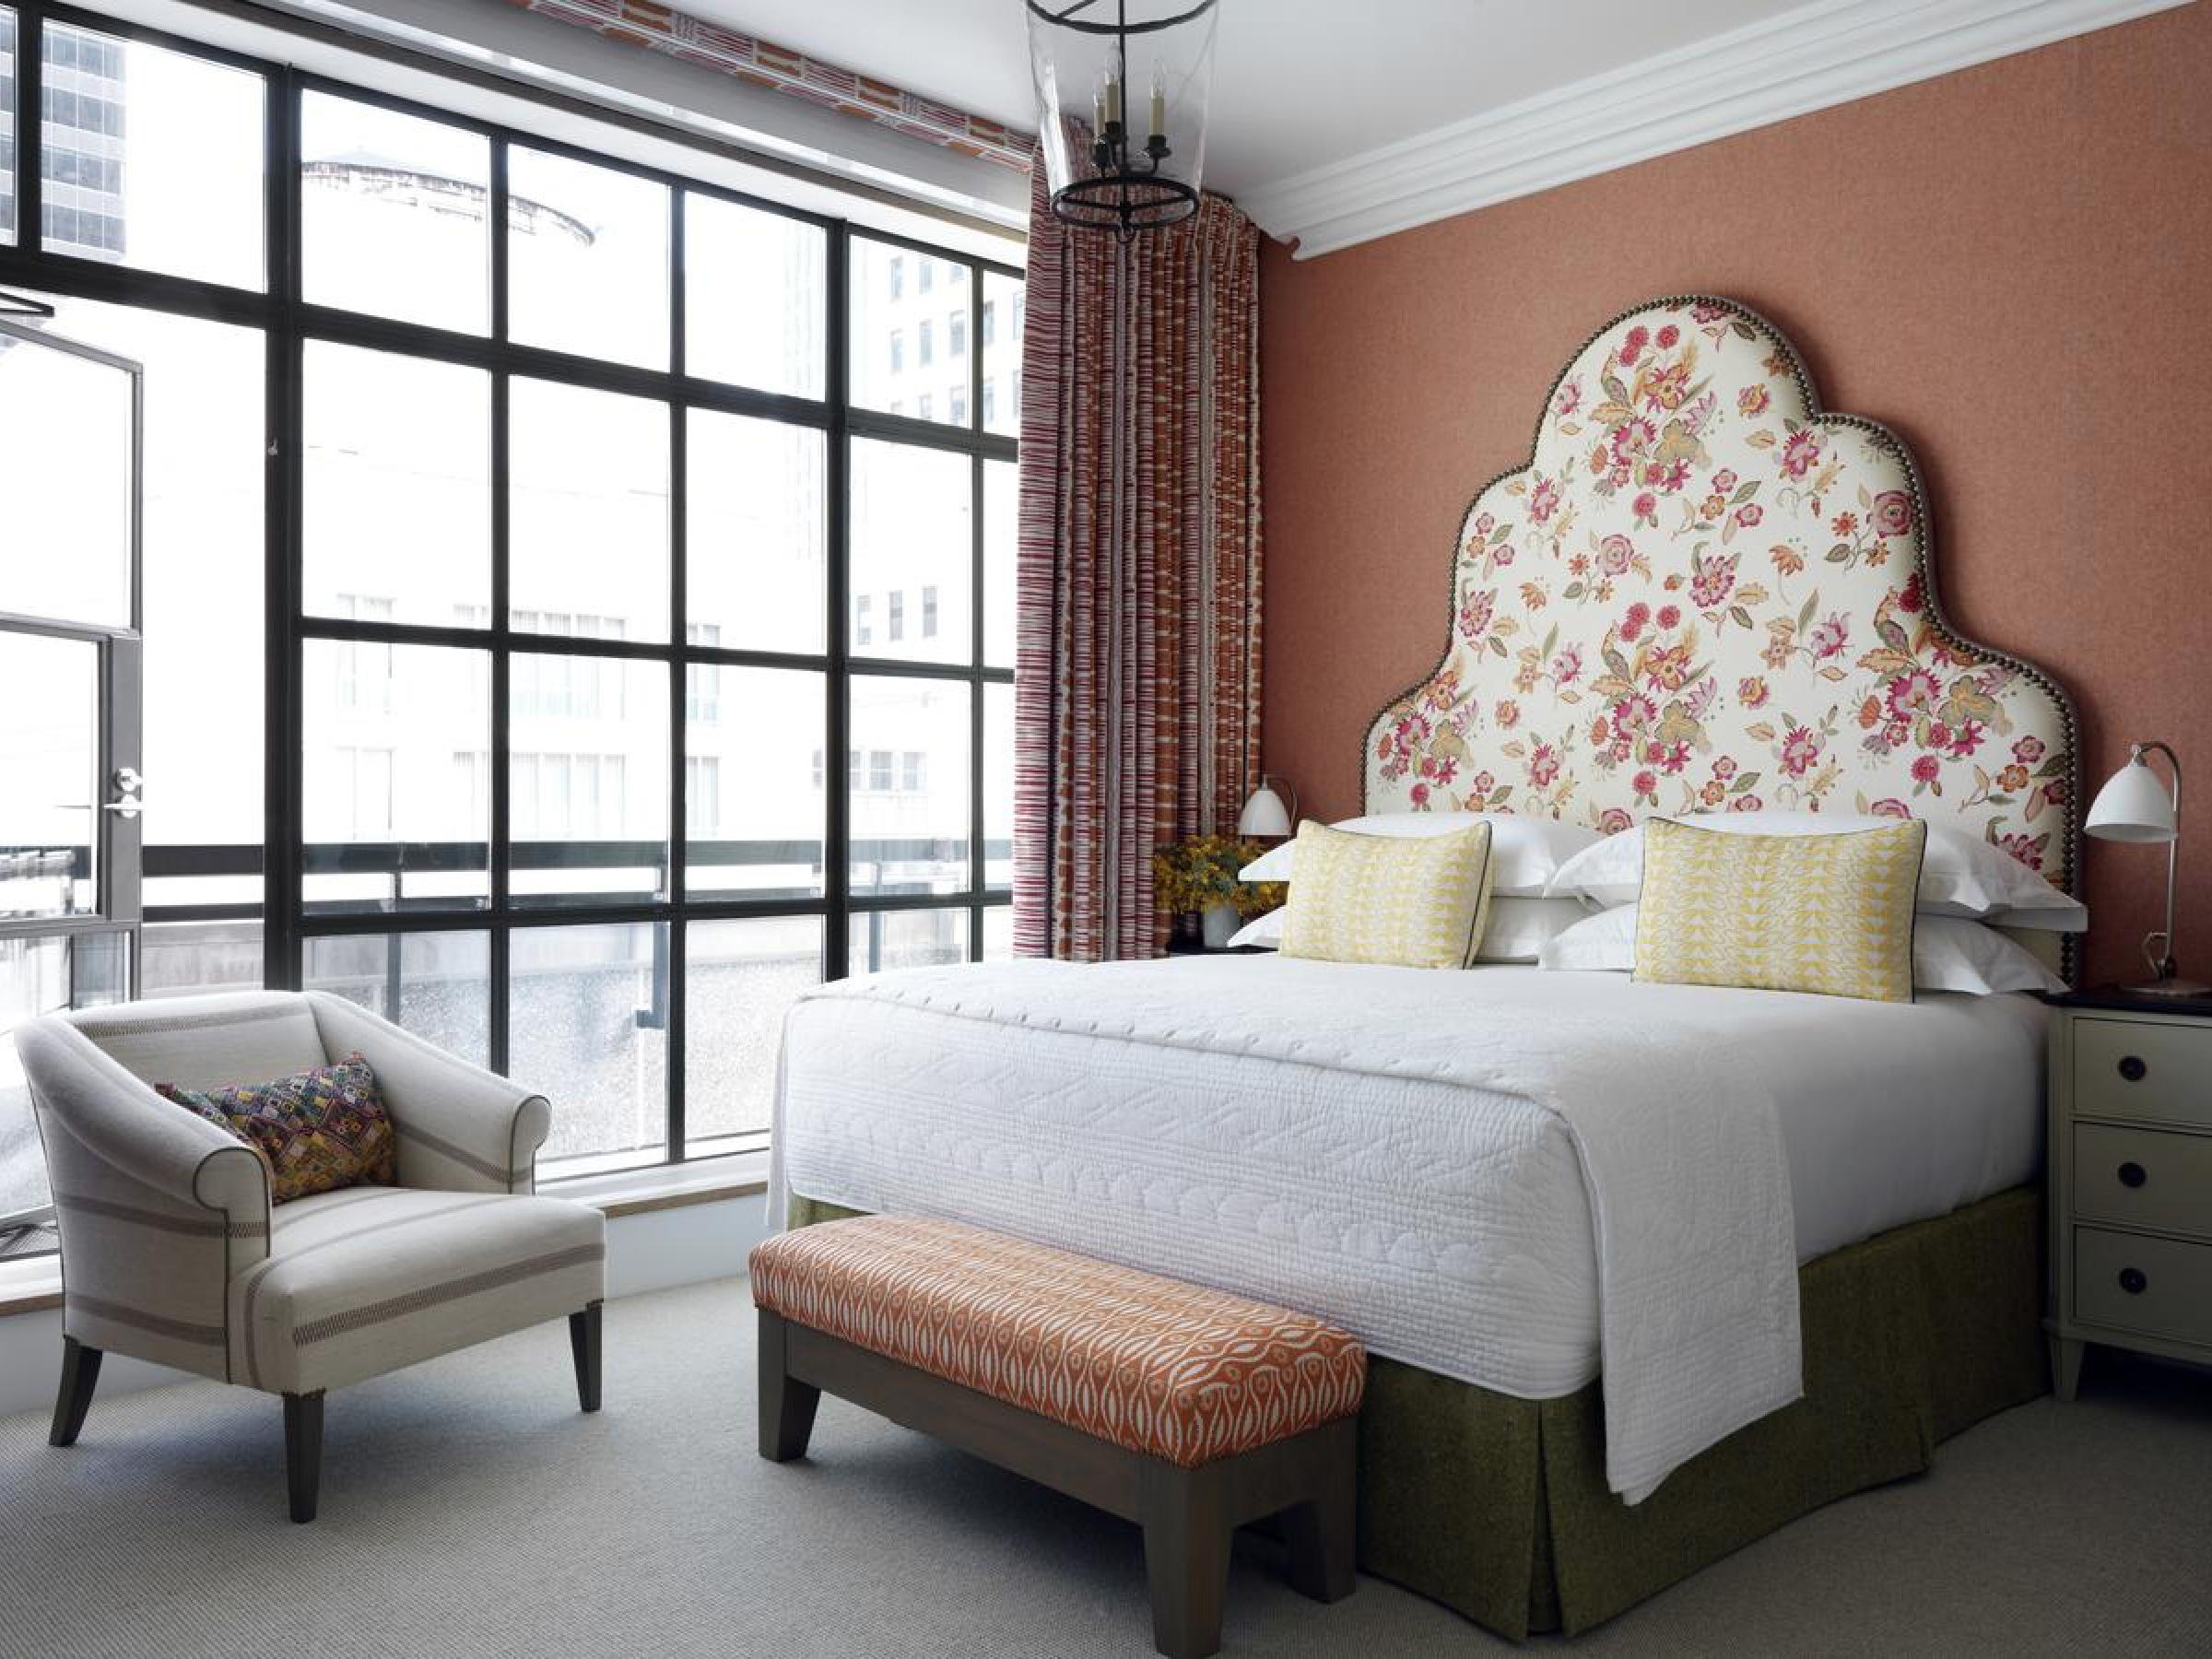 Whitby Hotel - Стандартный номер:От $420 за ночь(В зависимости от сезона)Район: Трибека